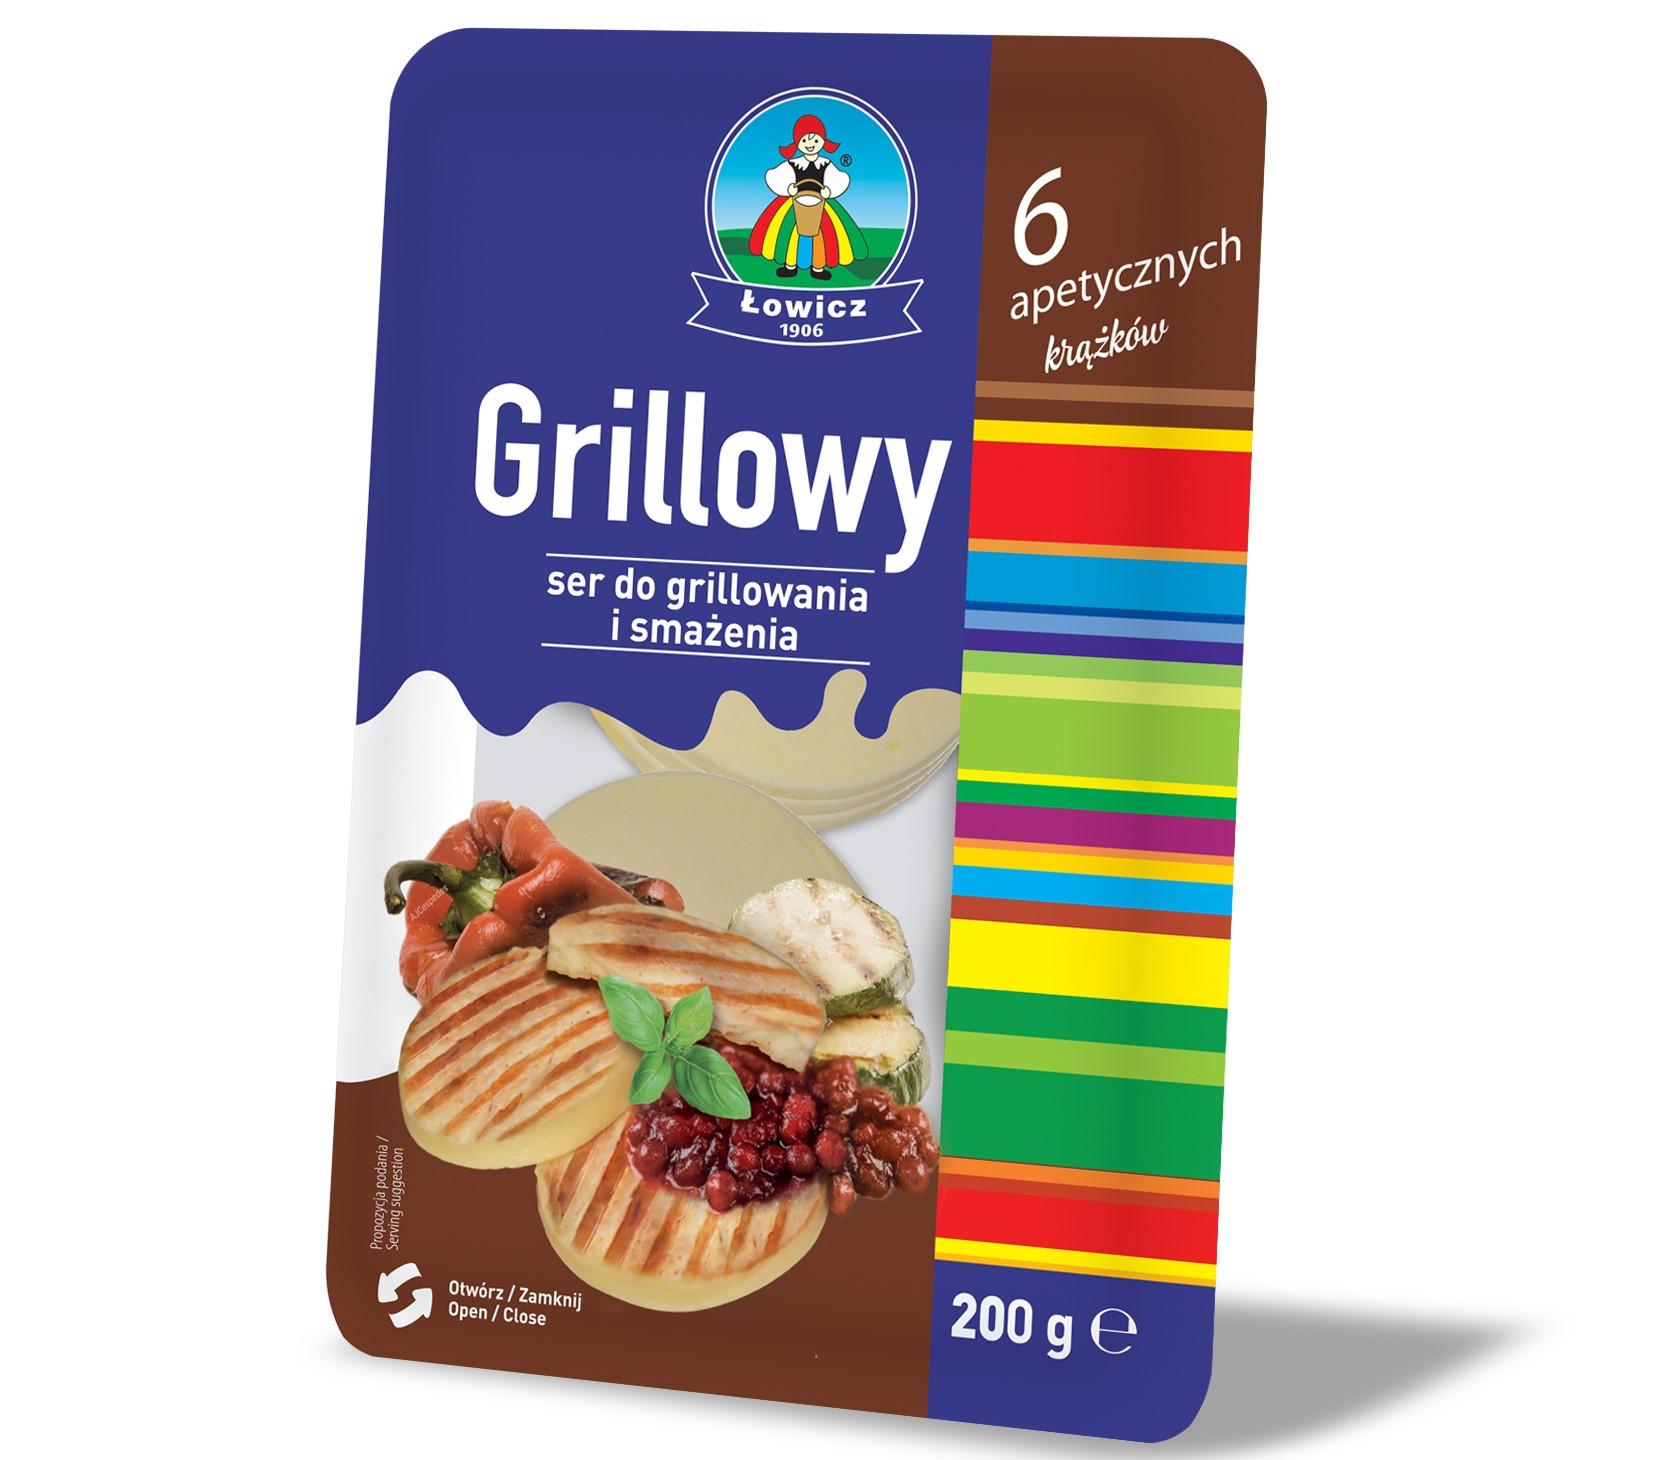 Ser do grillowania i smażenia w 6 apetycznych krążkach